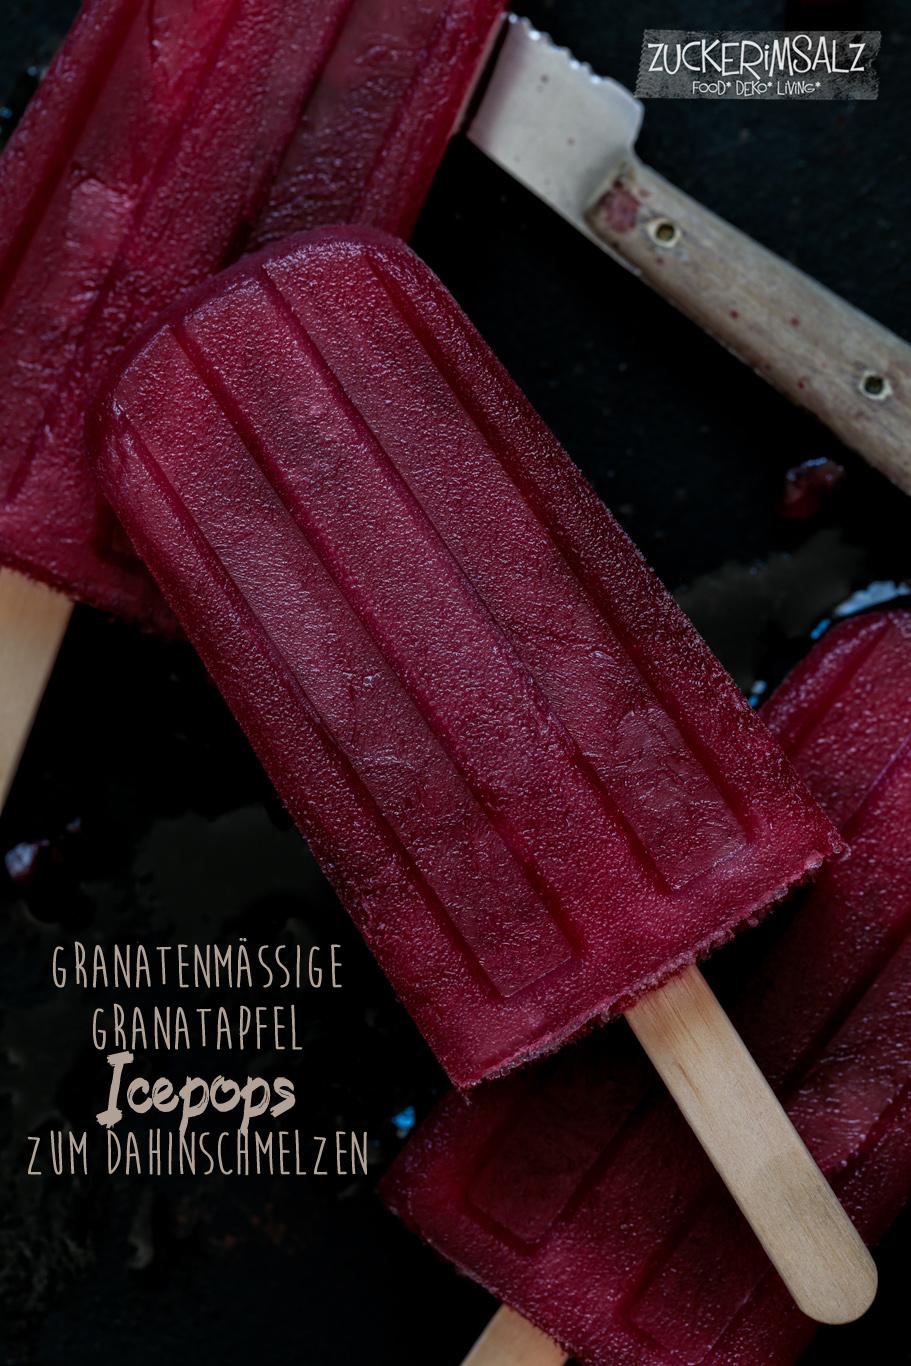 Granatenmässige Granatapfel Icepops zum Dahinschmelzen